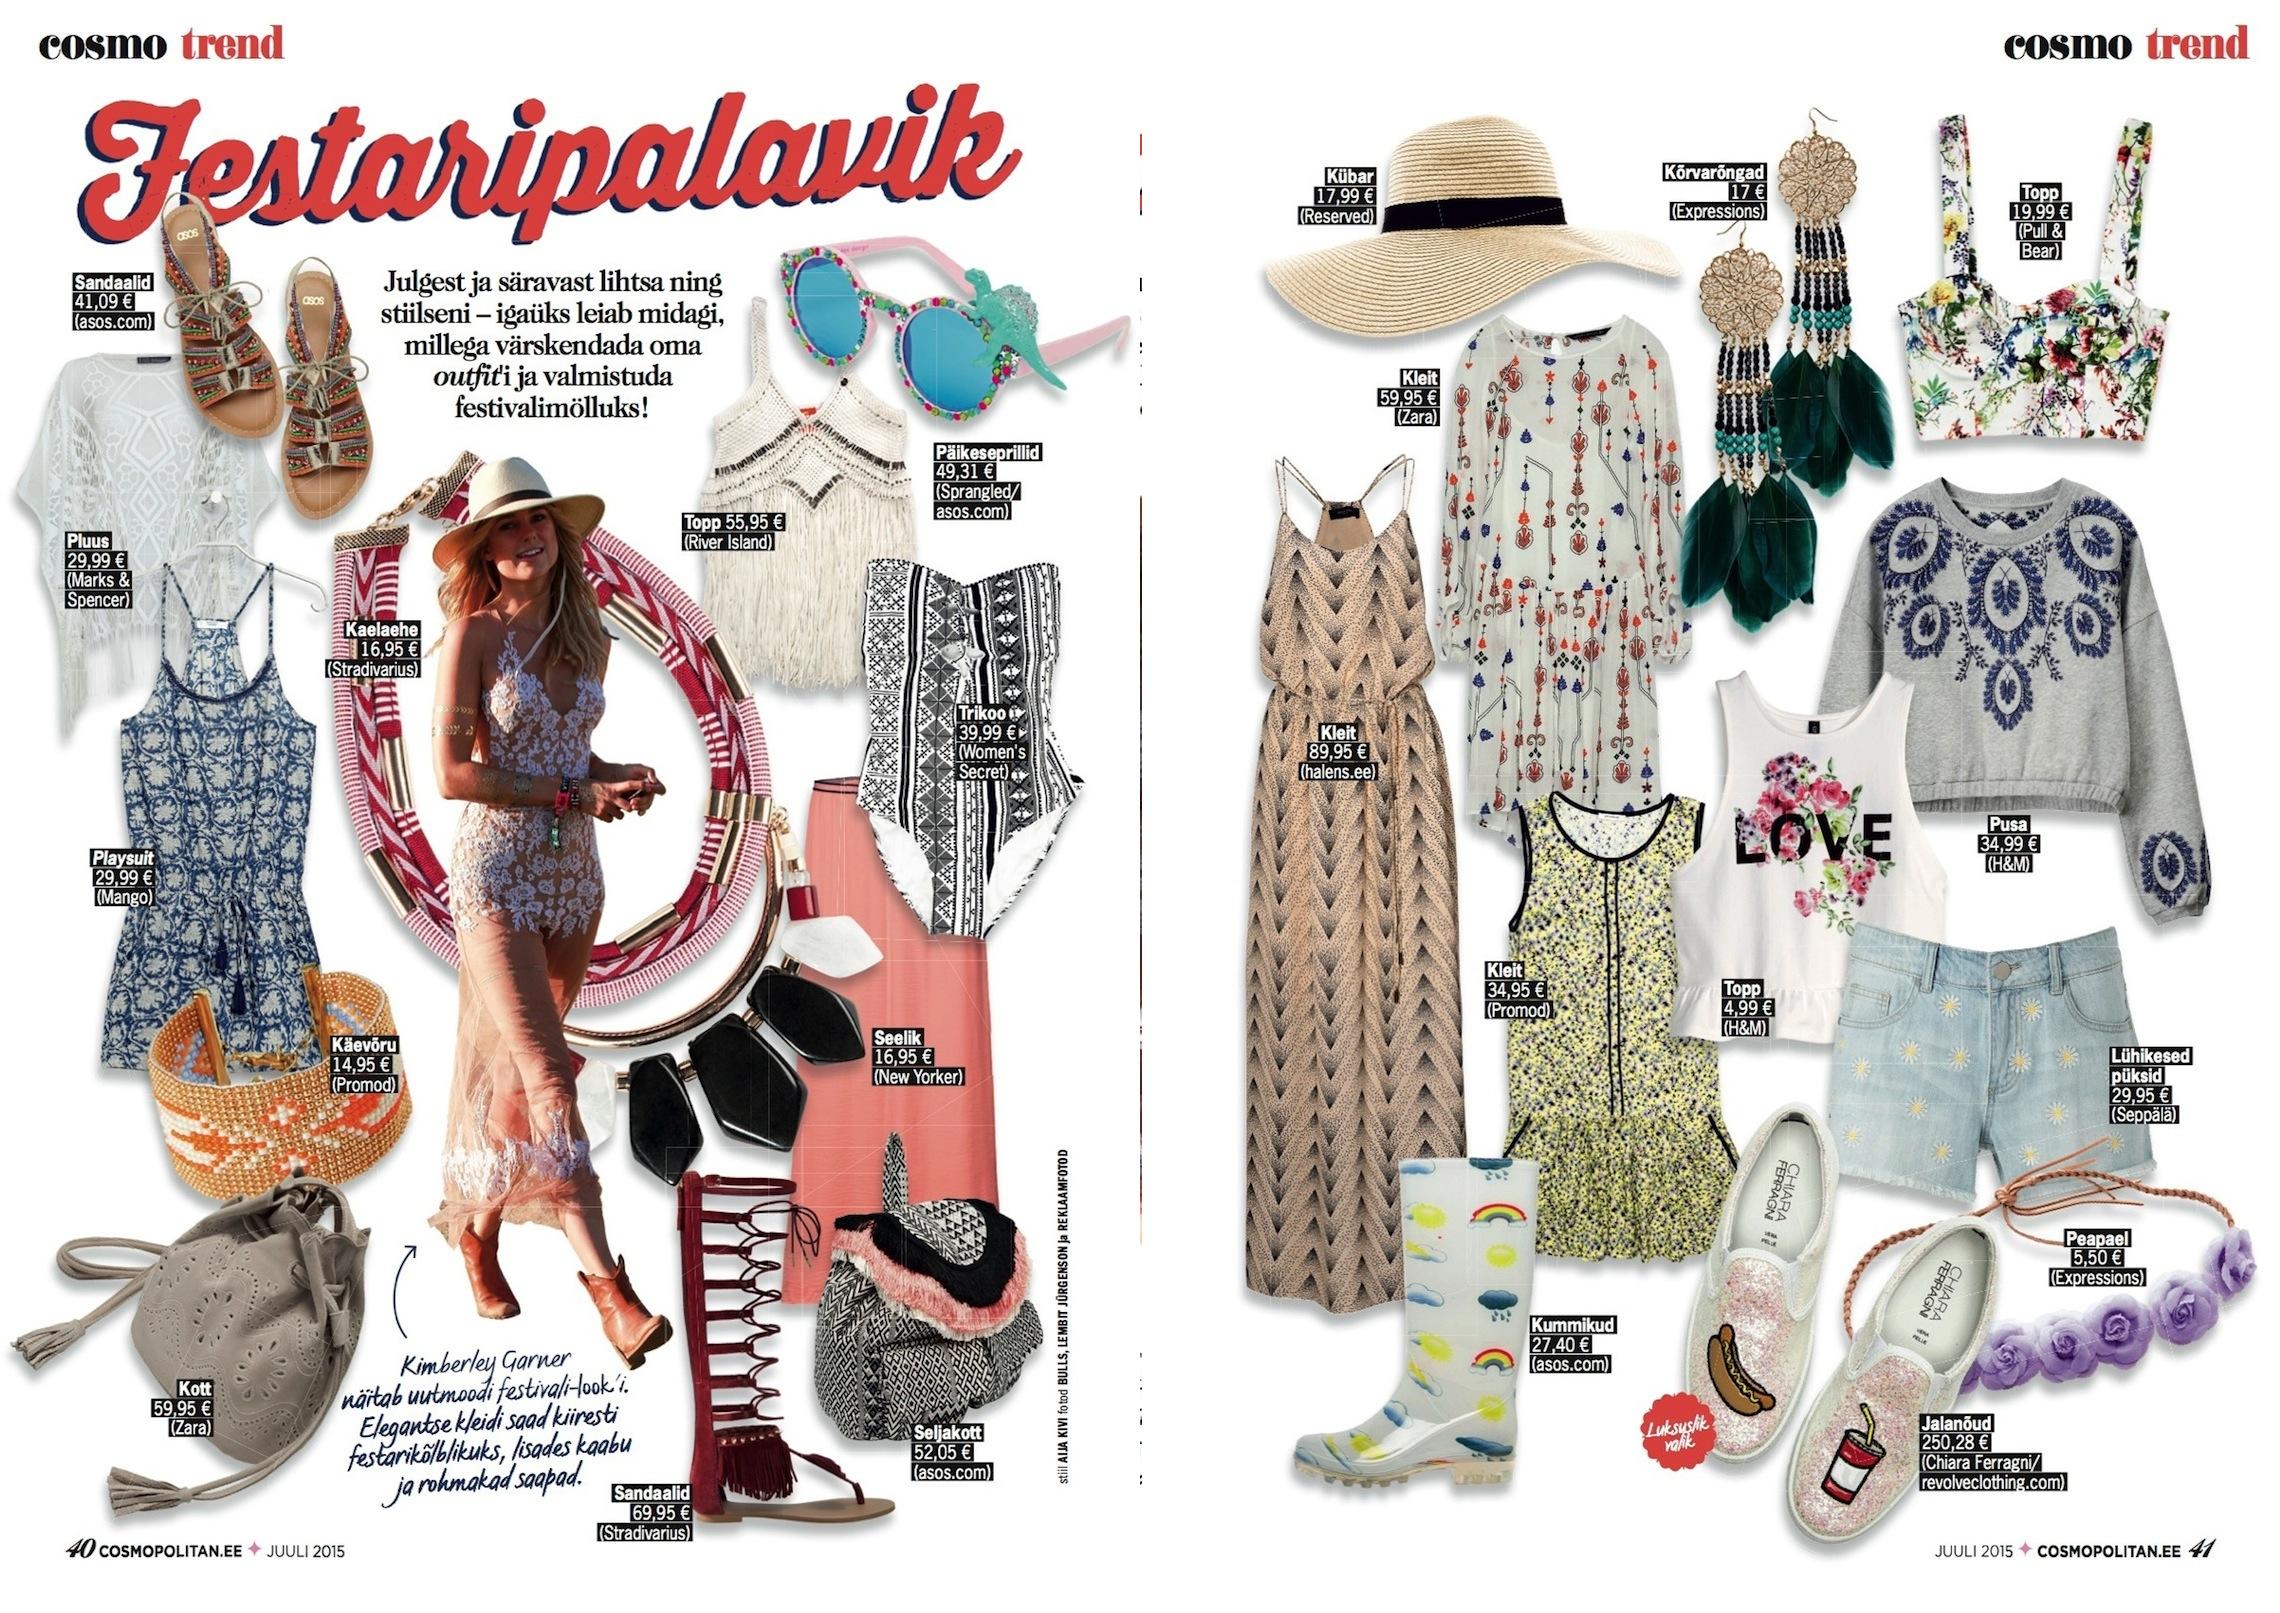 108-aija-kivi-for-cosmopolitan-estonia-magazine-stylist-fashion-editor-copy